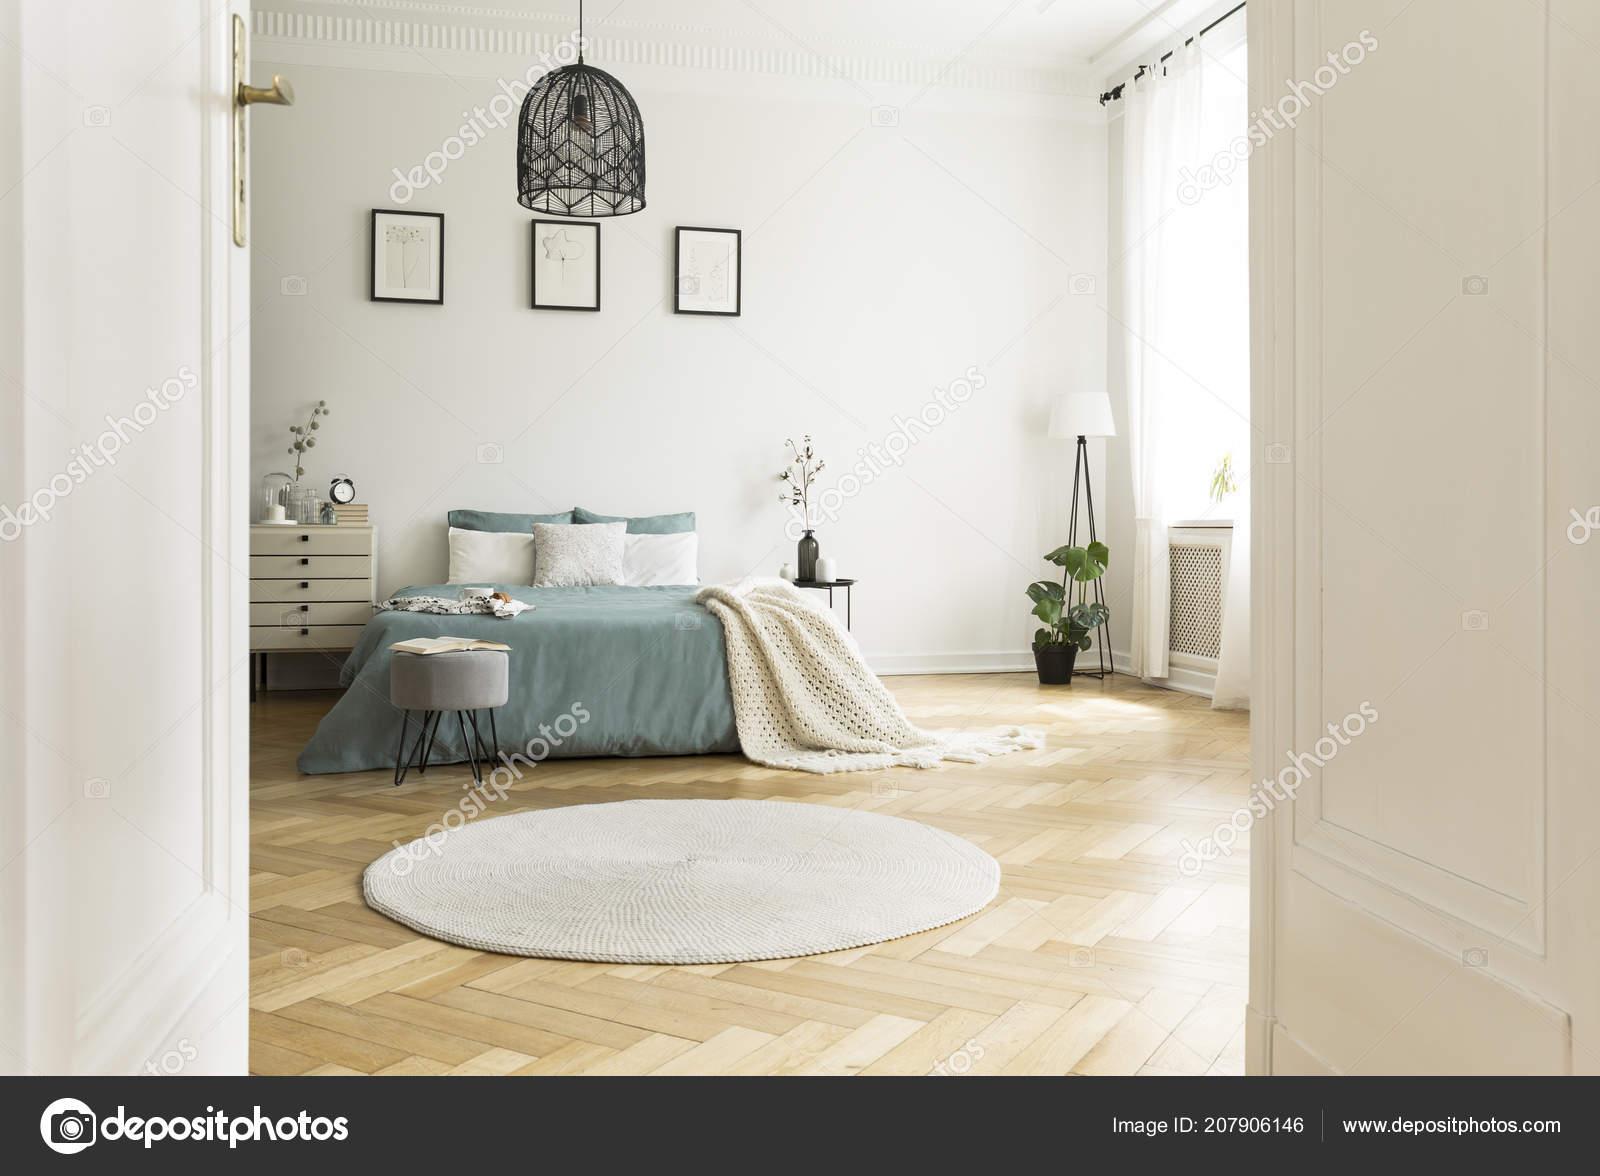 Weiße Runde Teppich Schlafzimmer Innenraum Mit Grünen Bett Unter ...